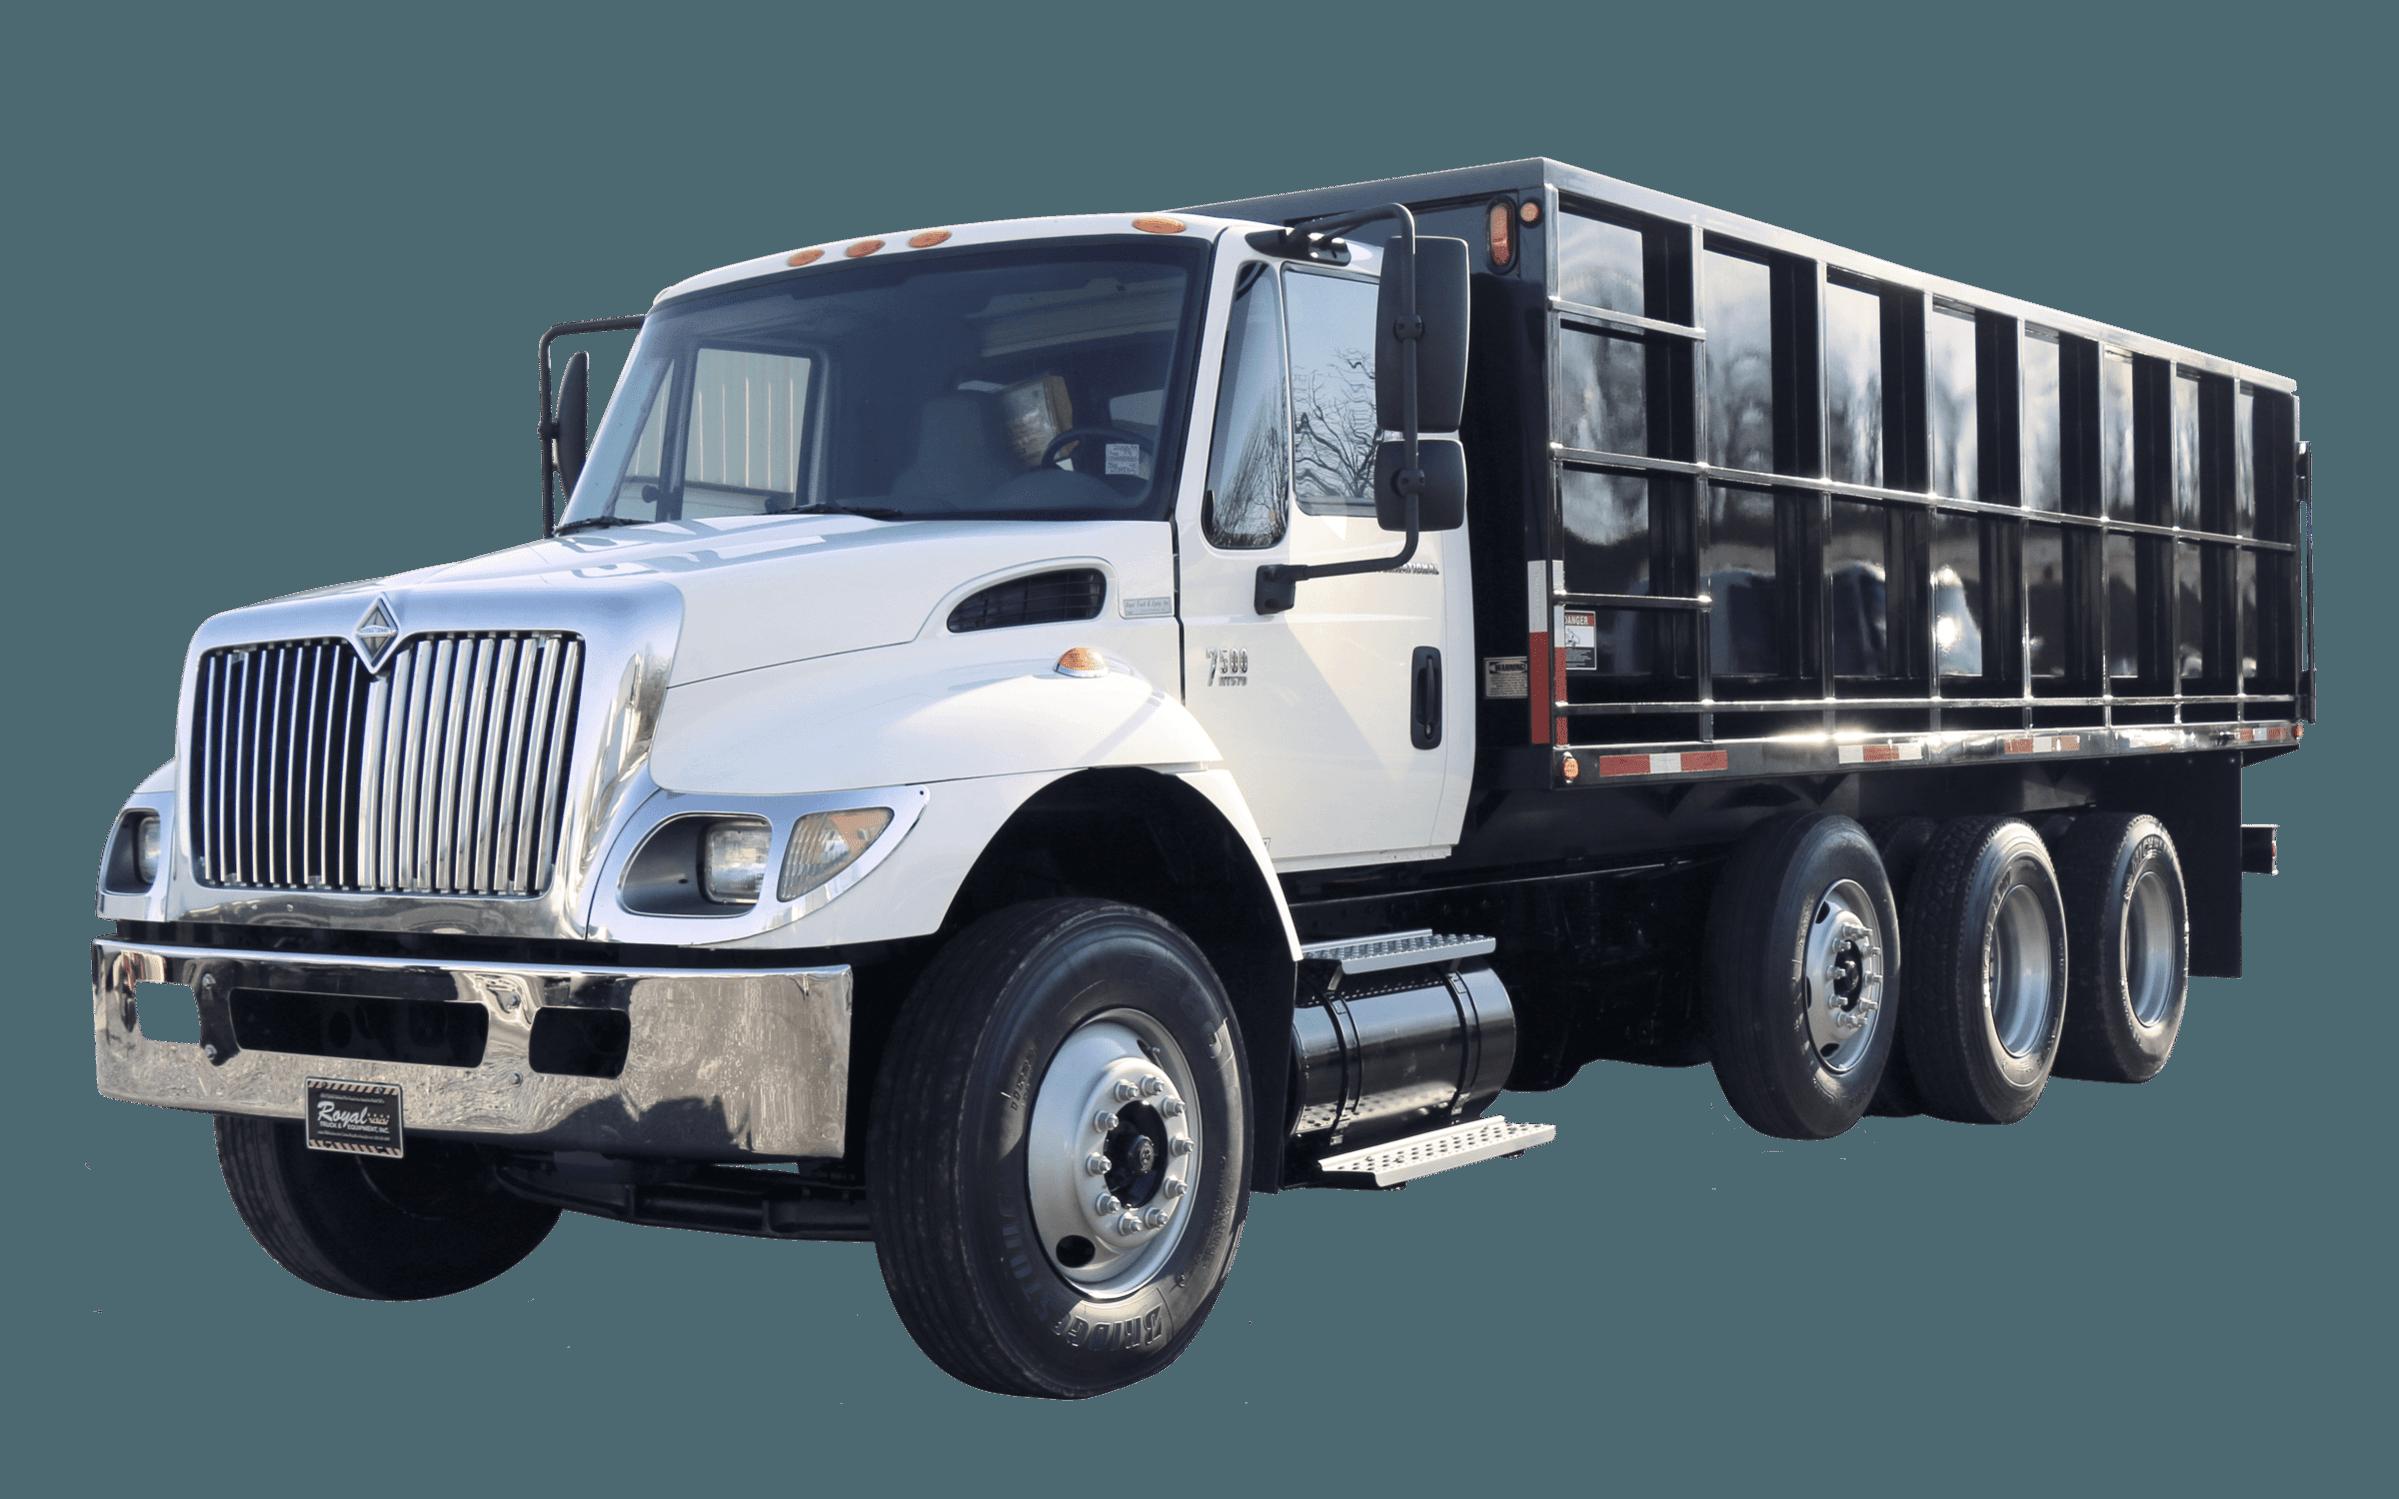 Forestry Truck Body Upfits